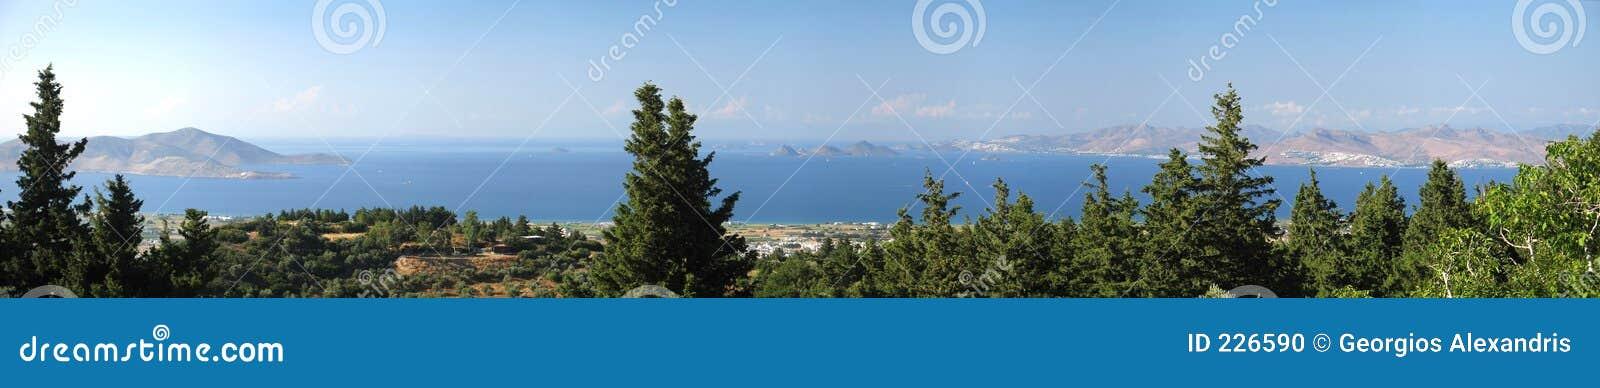 Aegean Panorama View